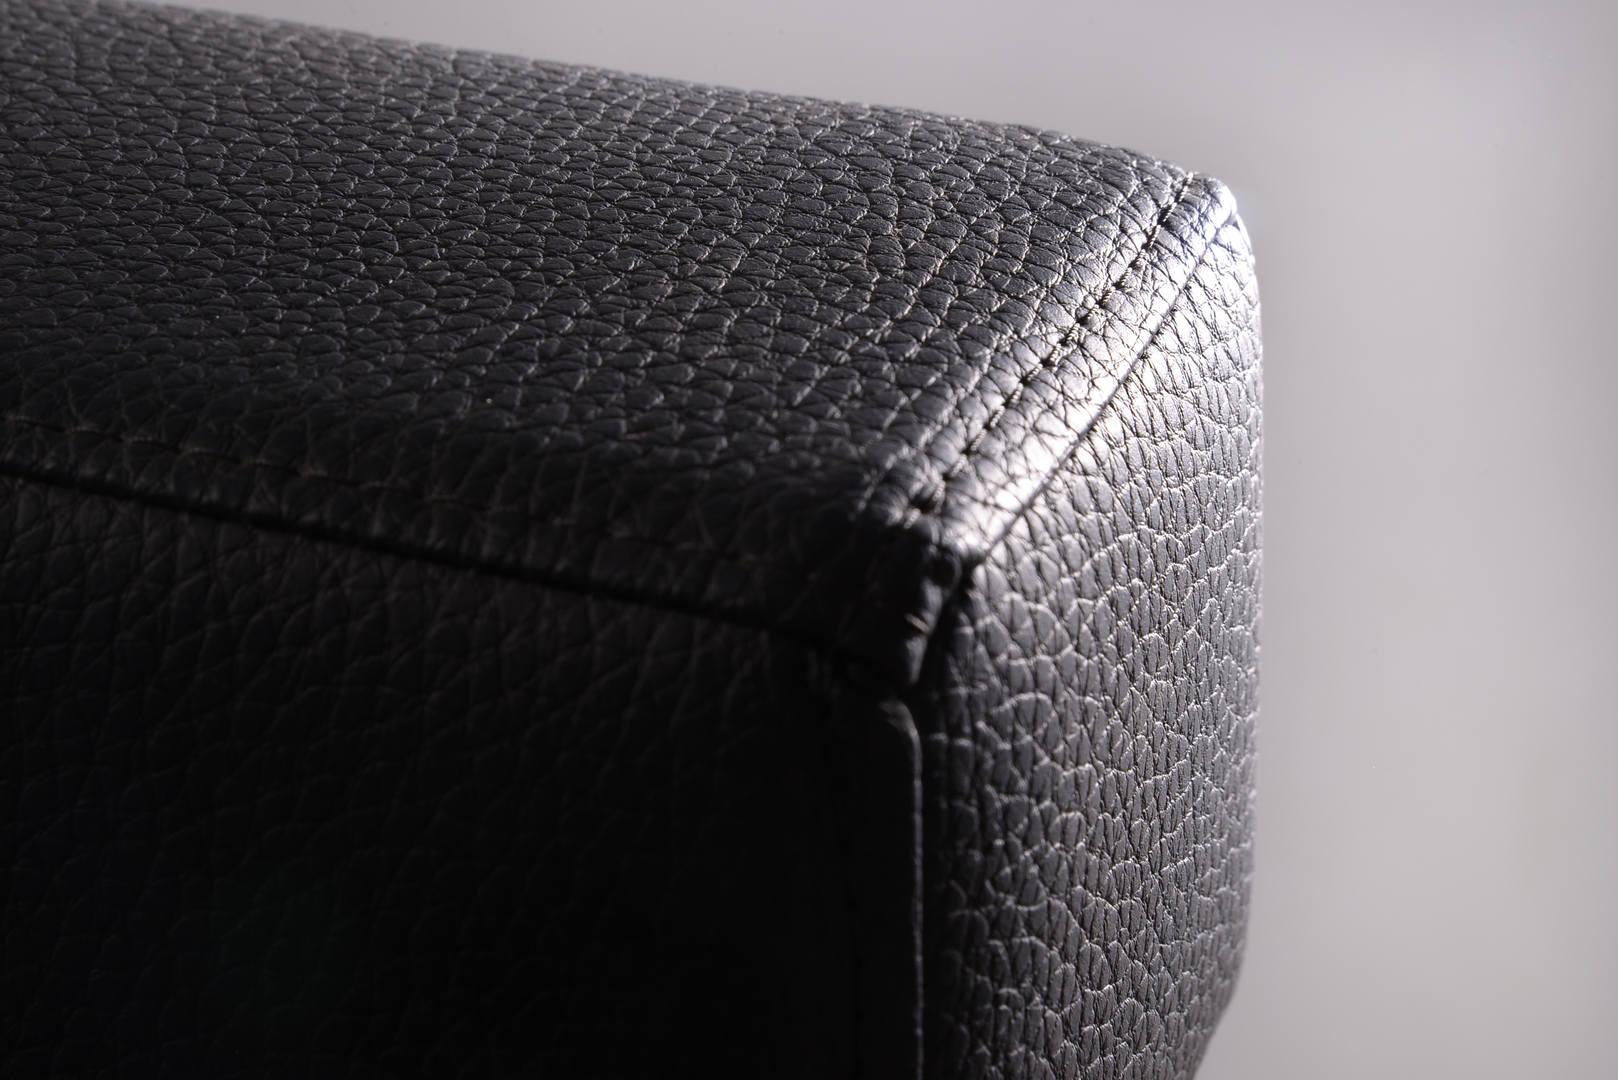 Geometik-L Stuhl-Details-Steelware Desig